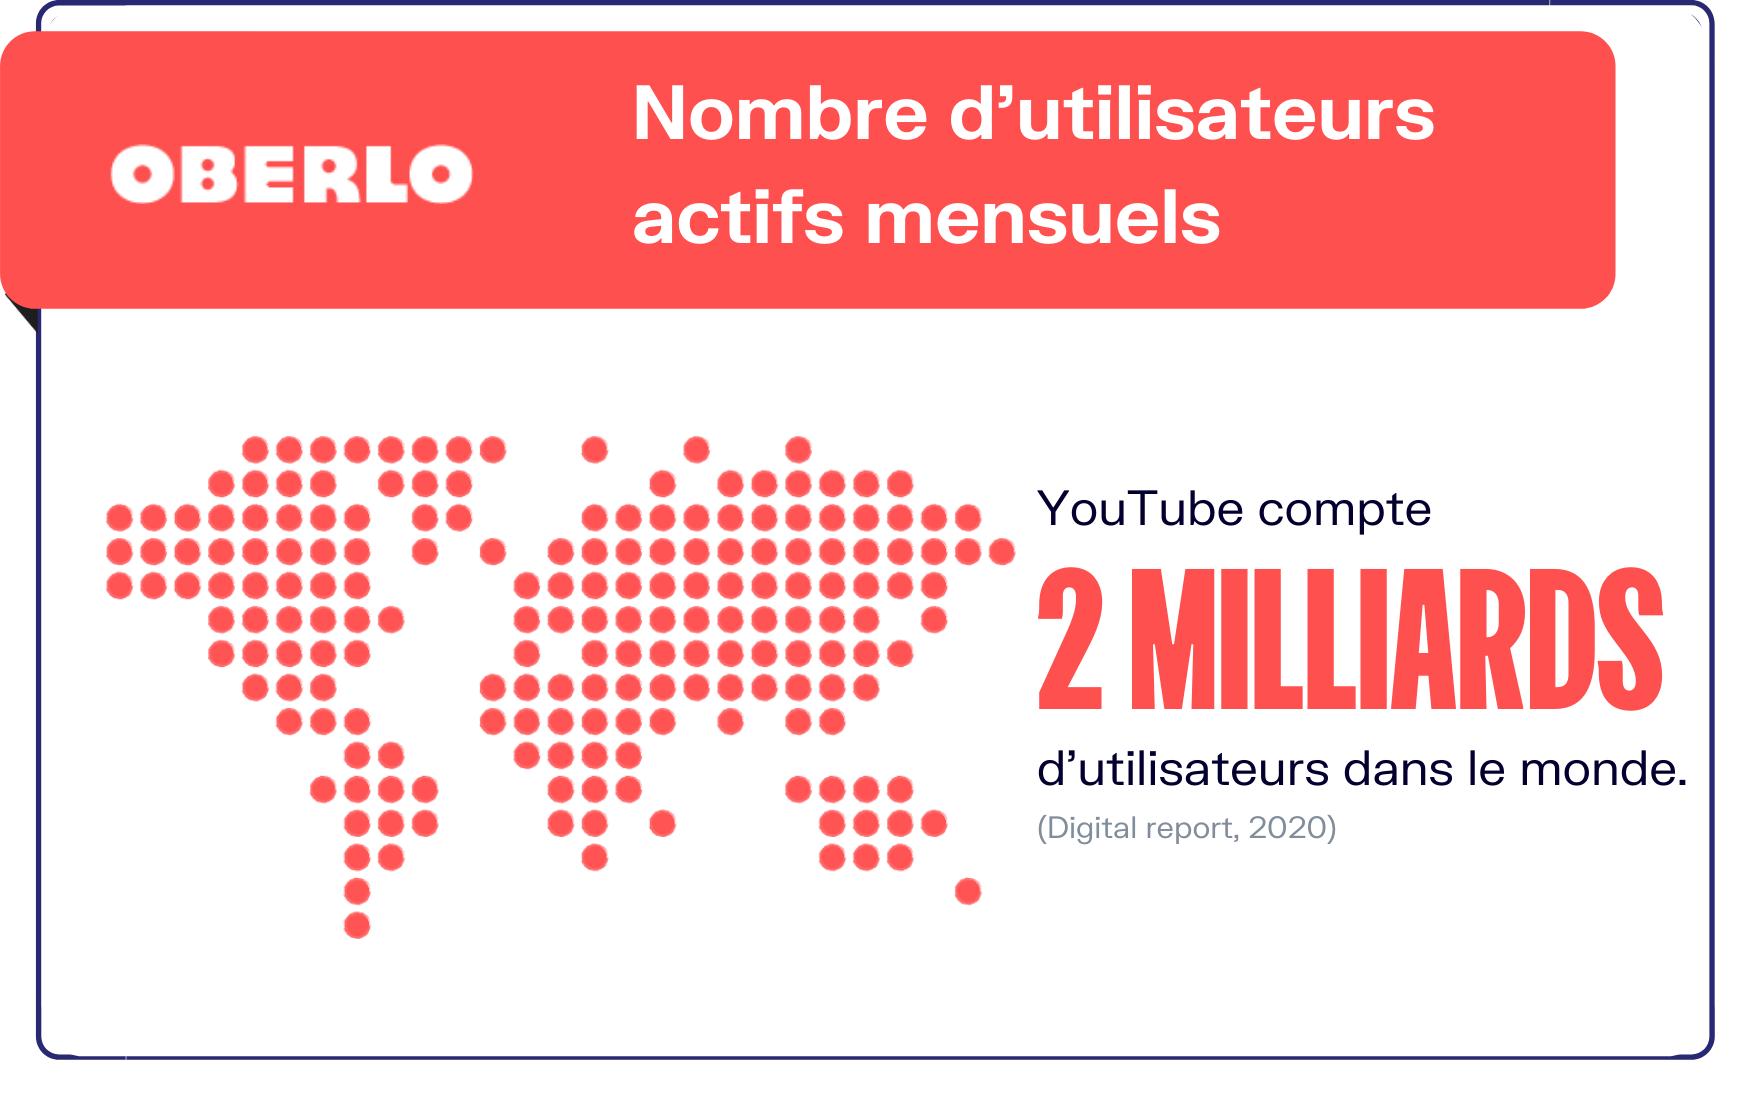 nombre d'utilisateurs YouTube